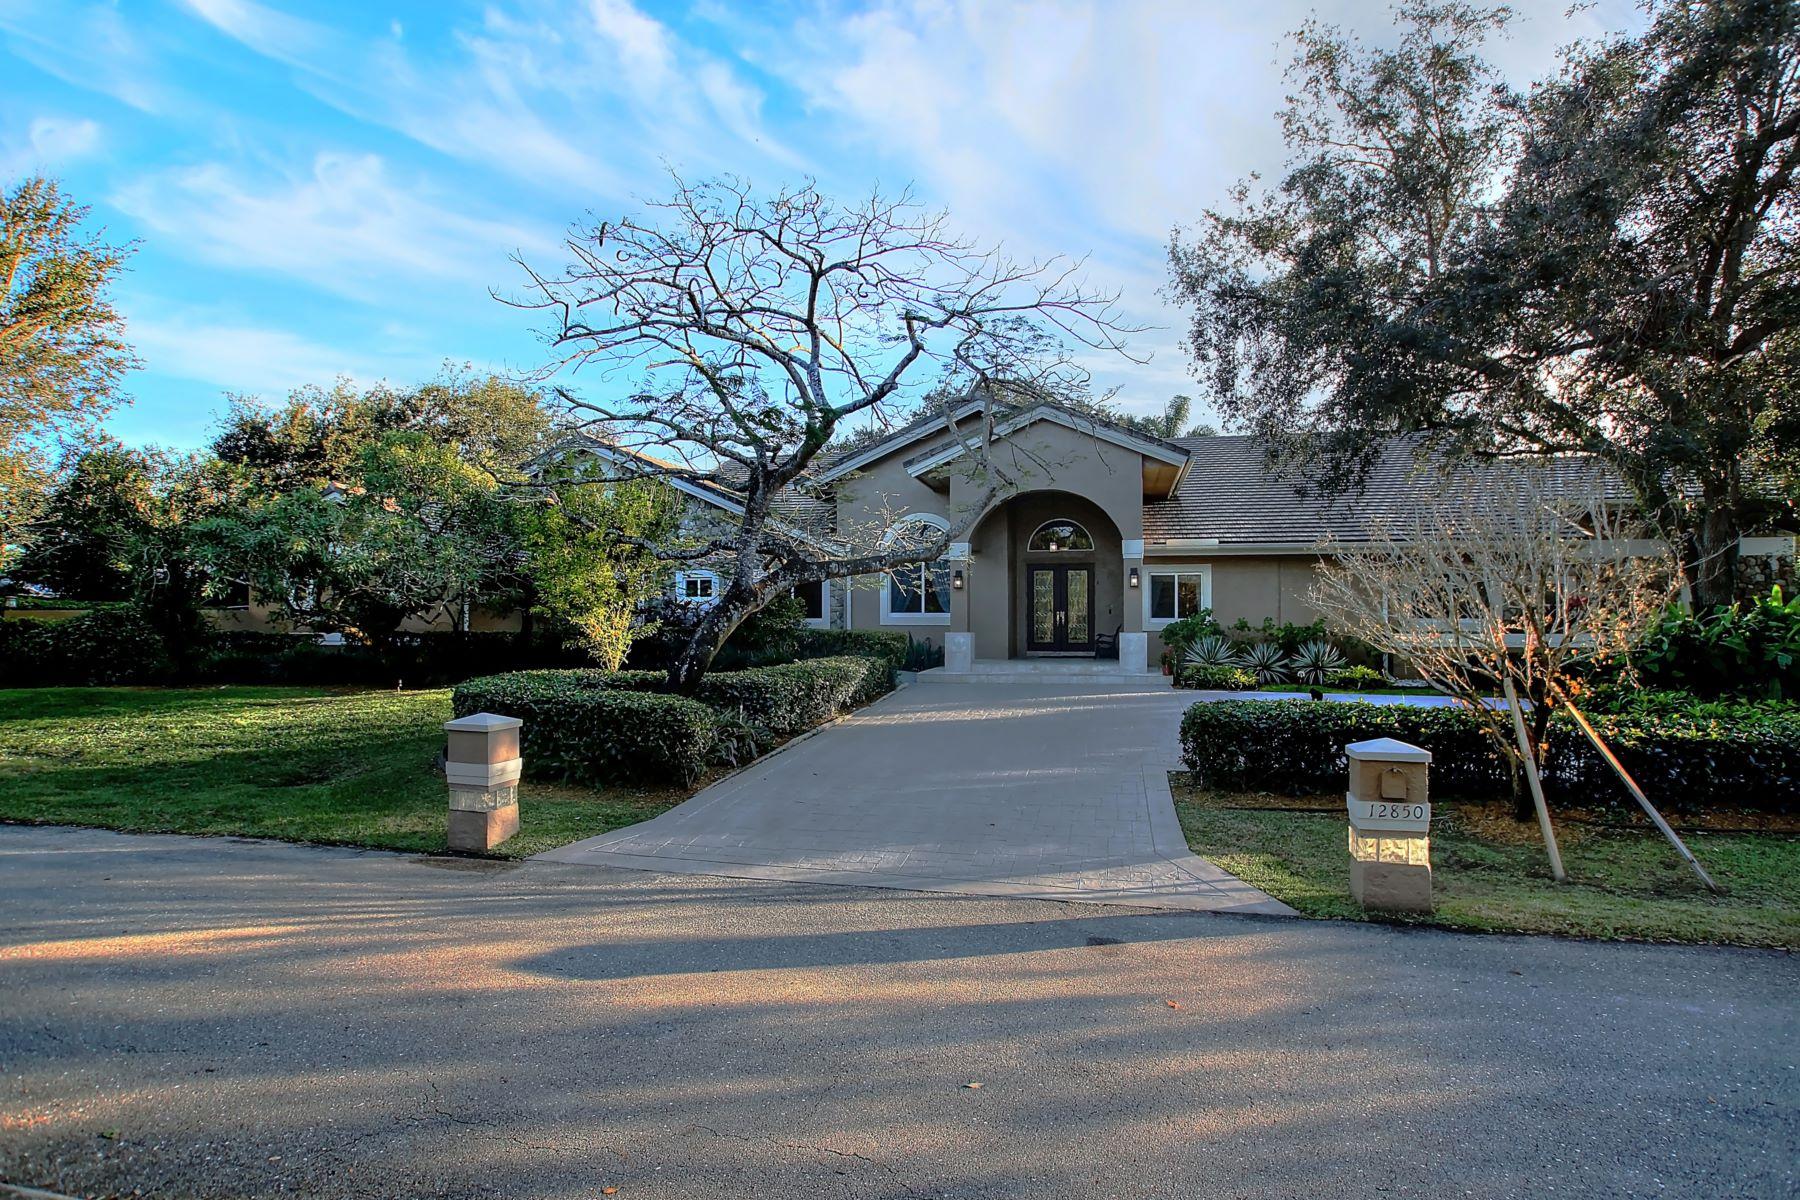 Maison unifamiliale pour l à vendre à 12850 Sw 33rd Dr Davie, Florida, 33330 États-Unis